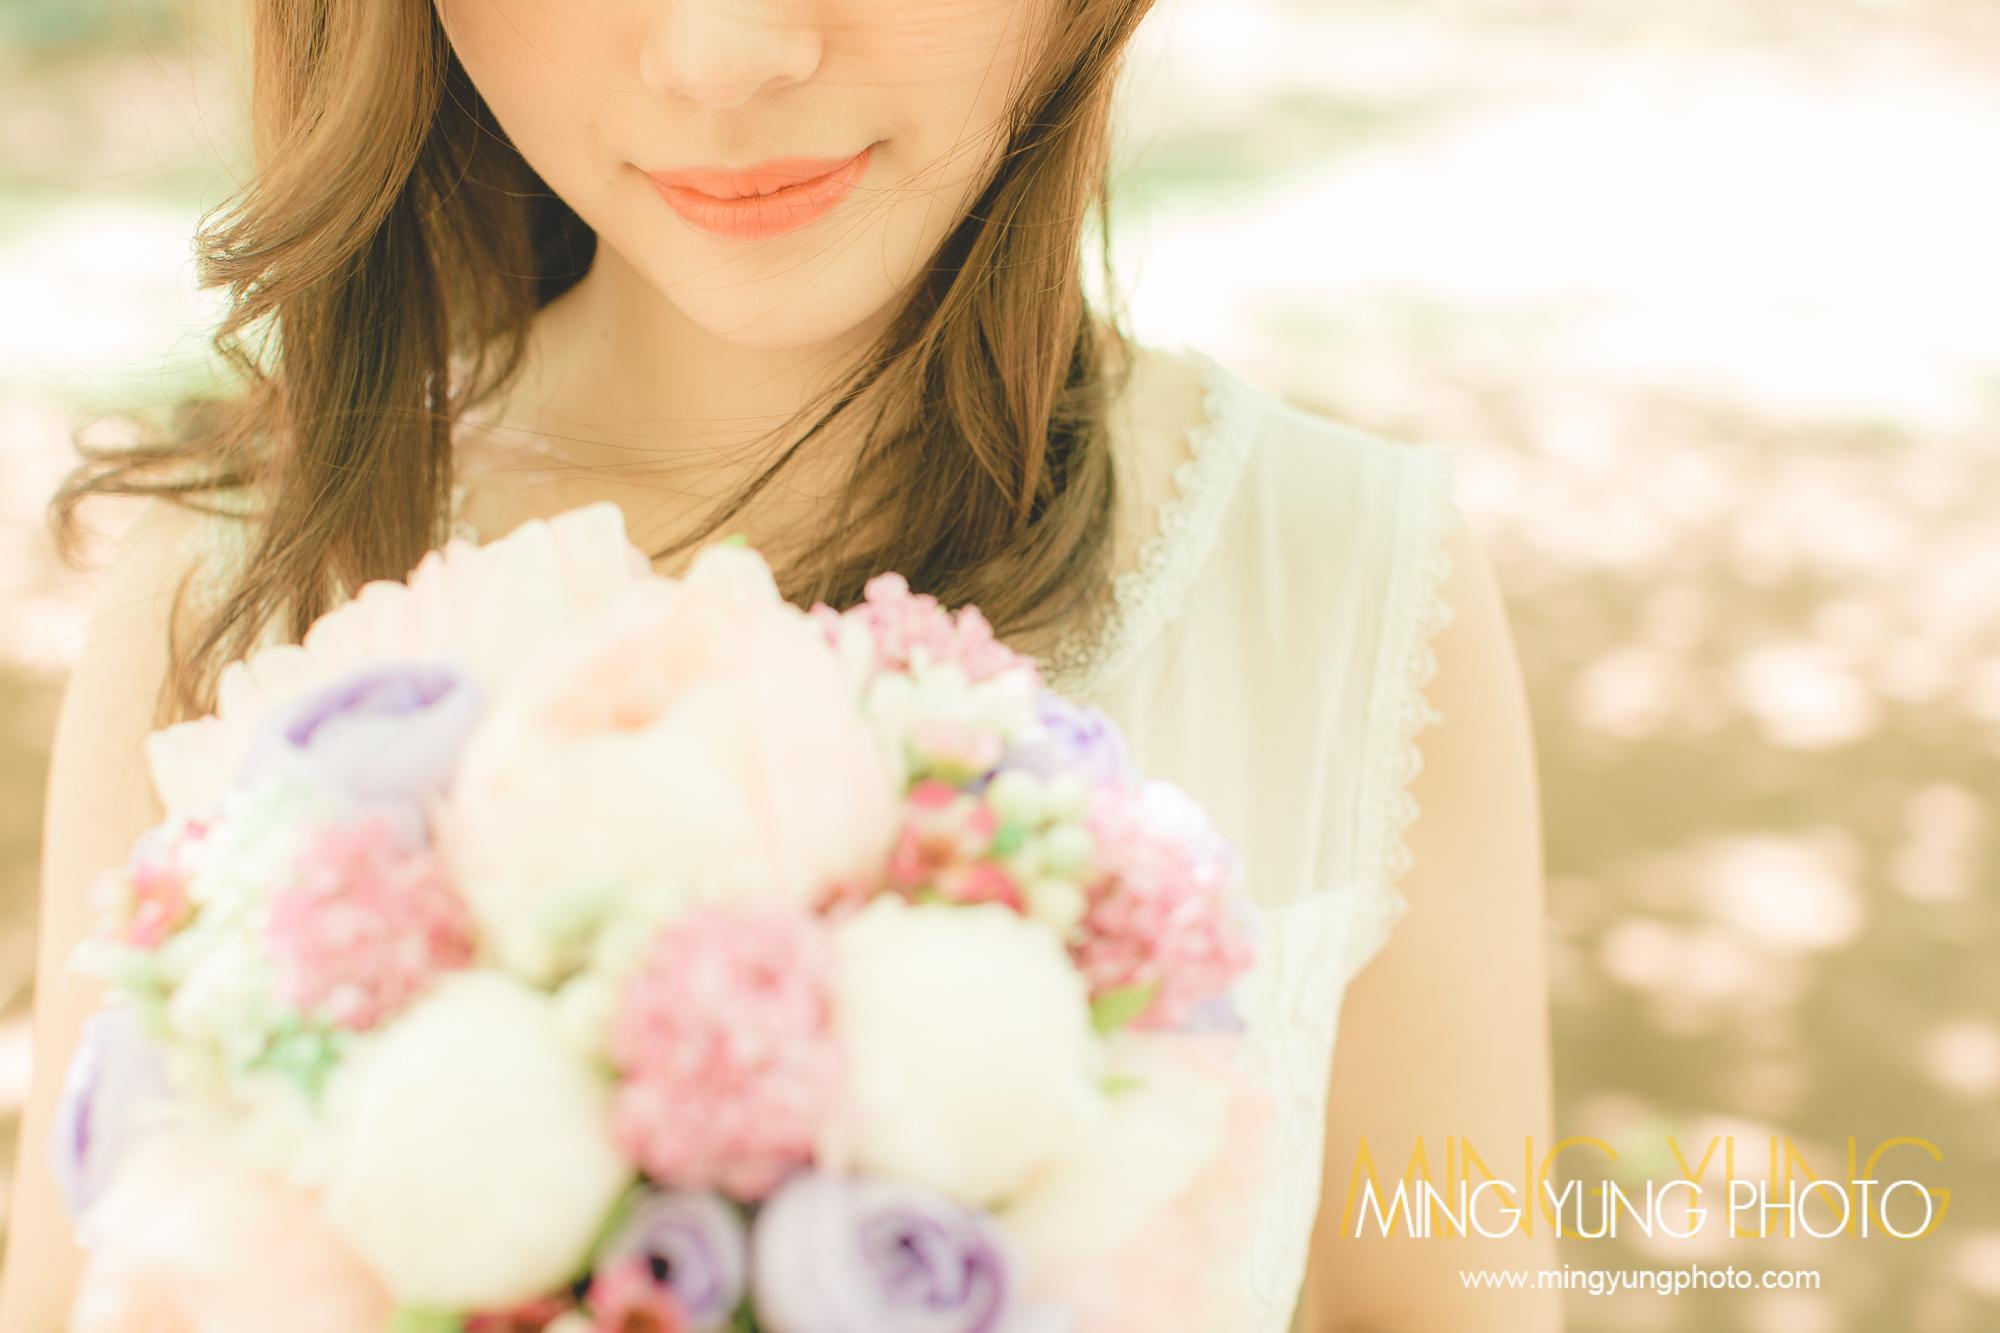 mingyungphoto-201605170004